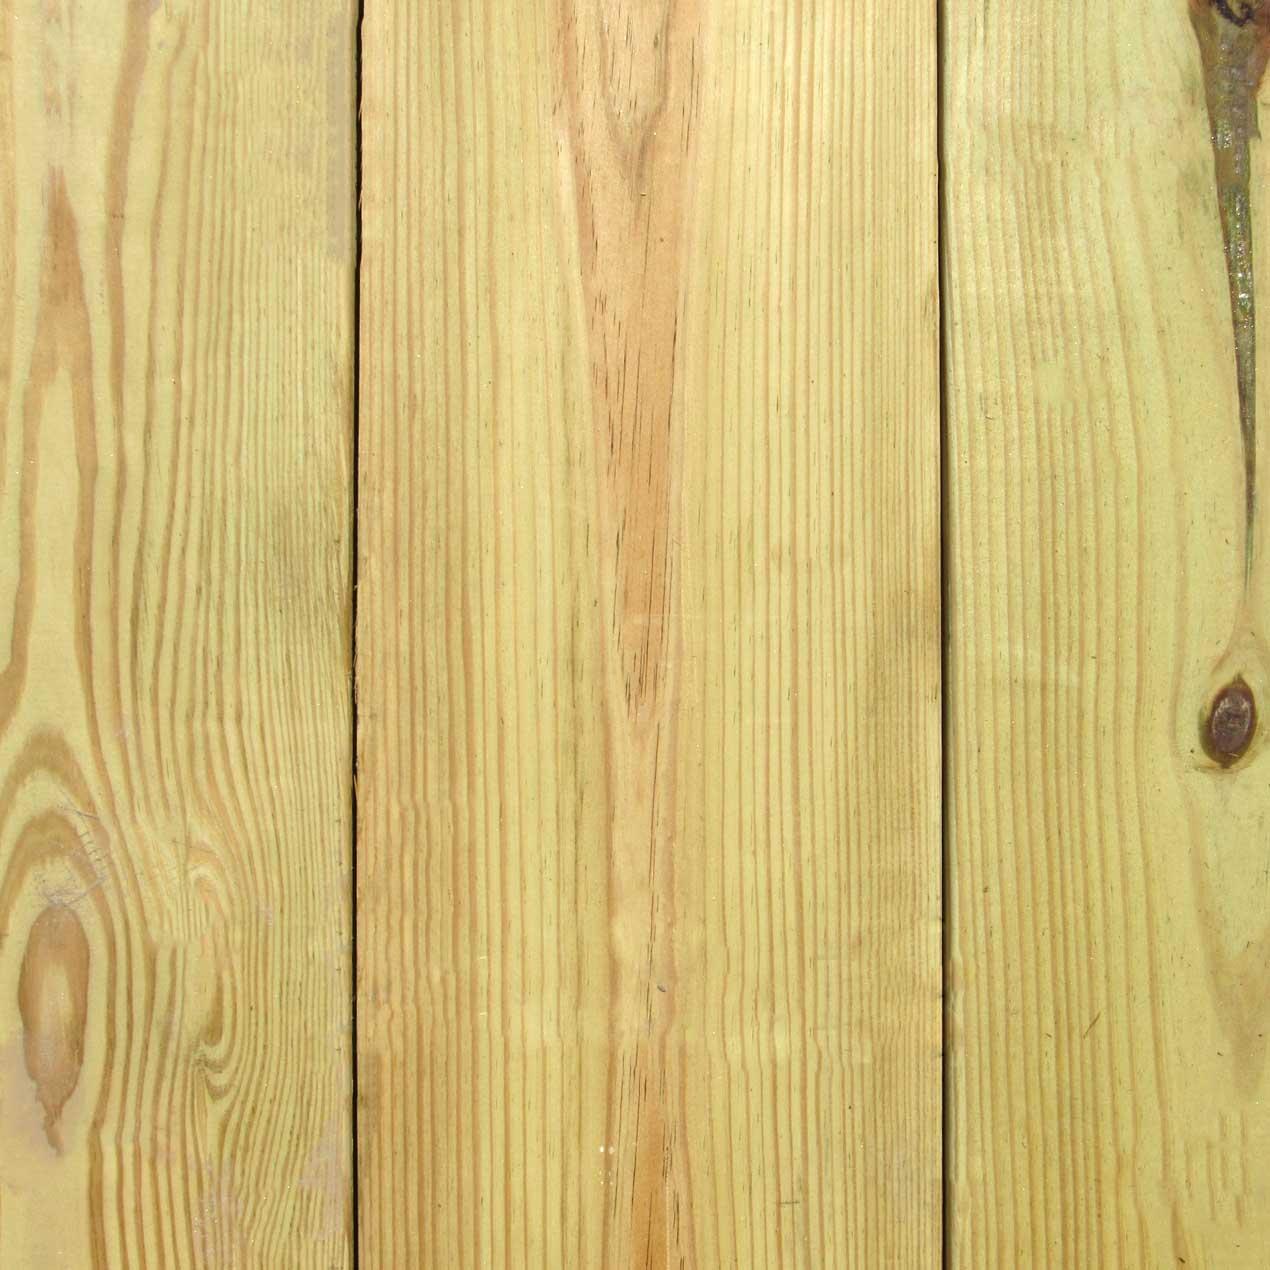 Treated Yellow Pine